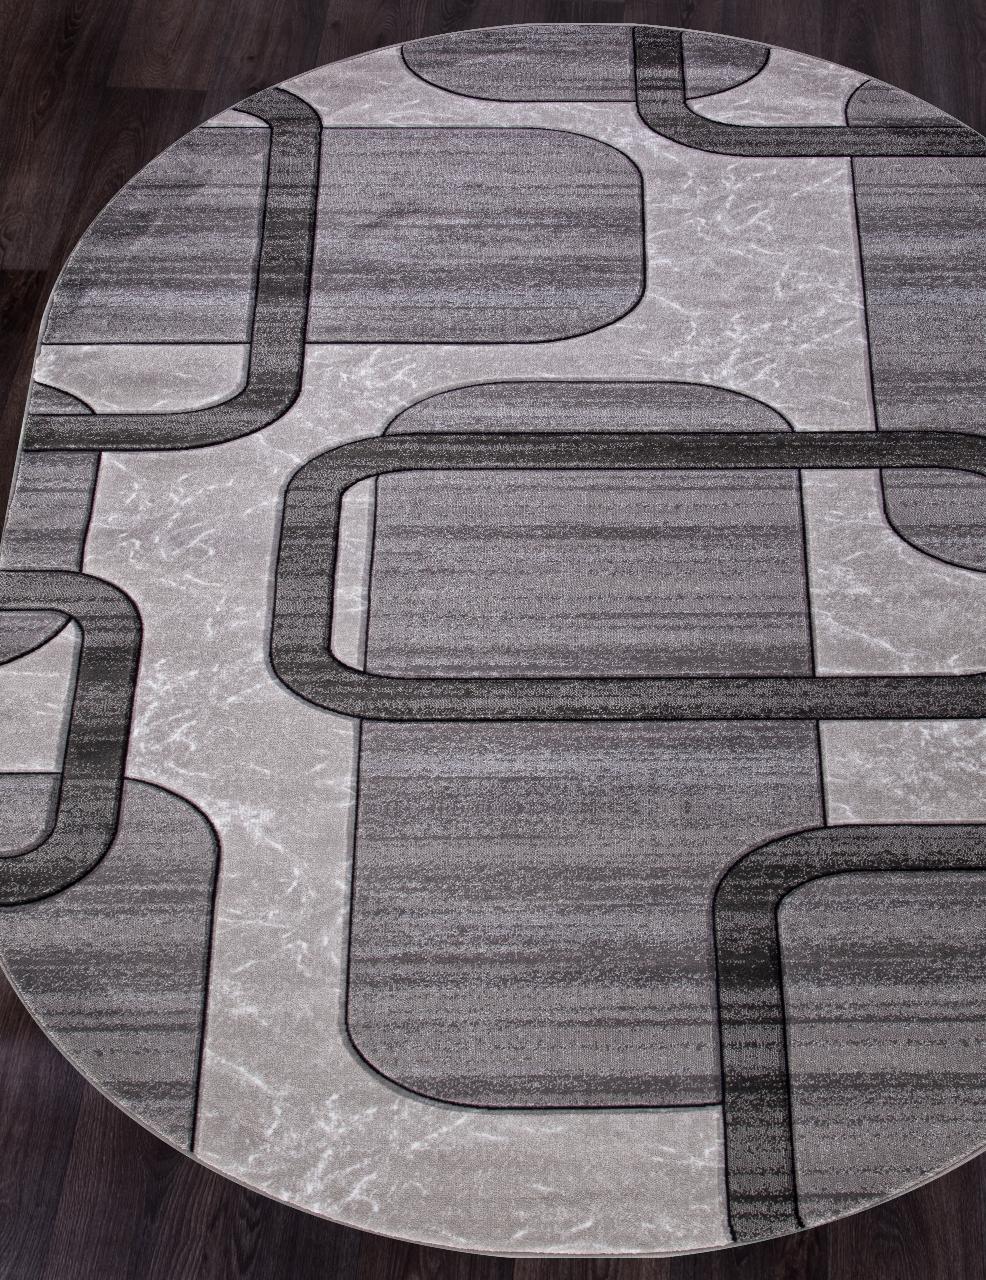 Ковер D465 - LIGHT GRAY - Овал - коллекция MEGA CARVING